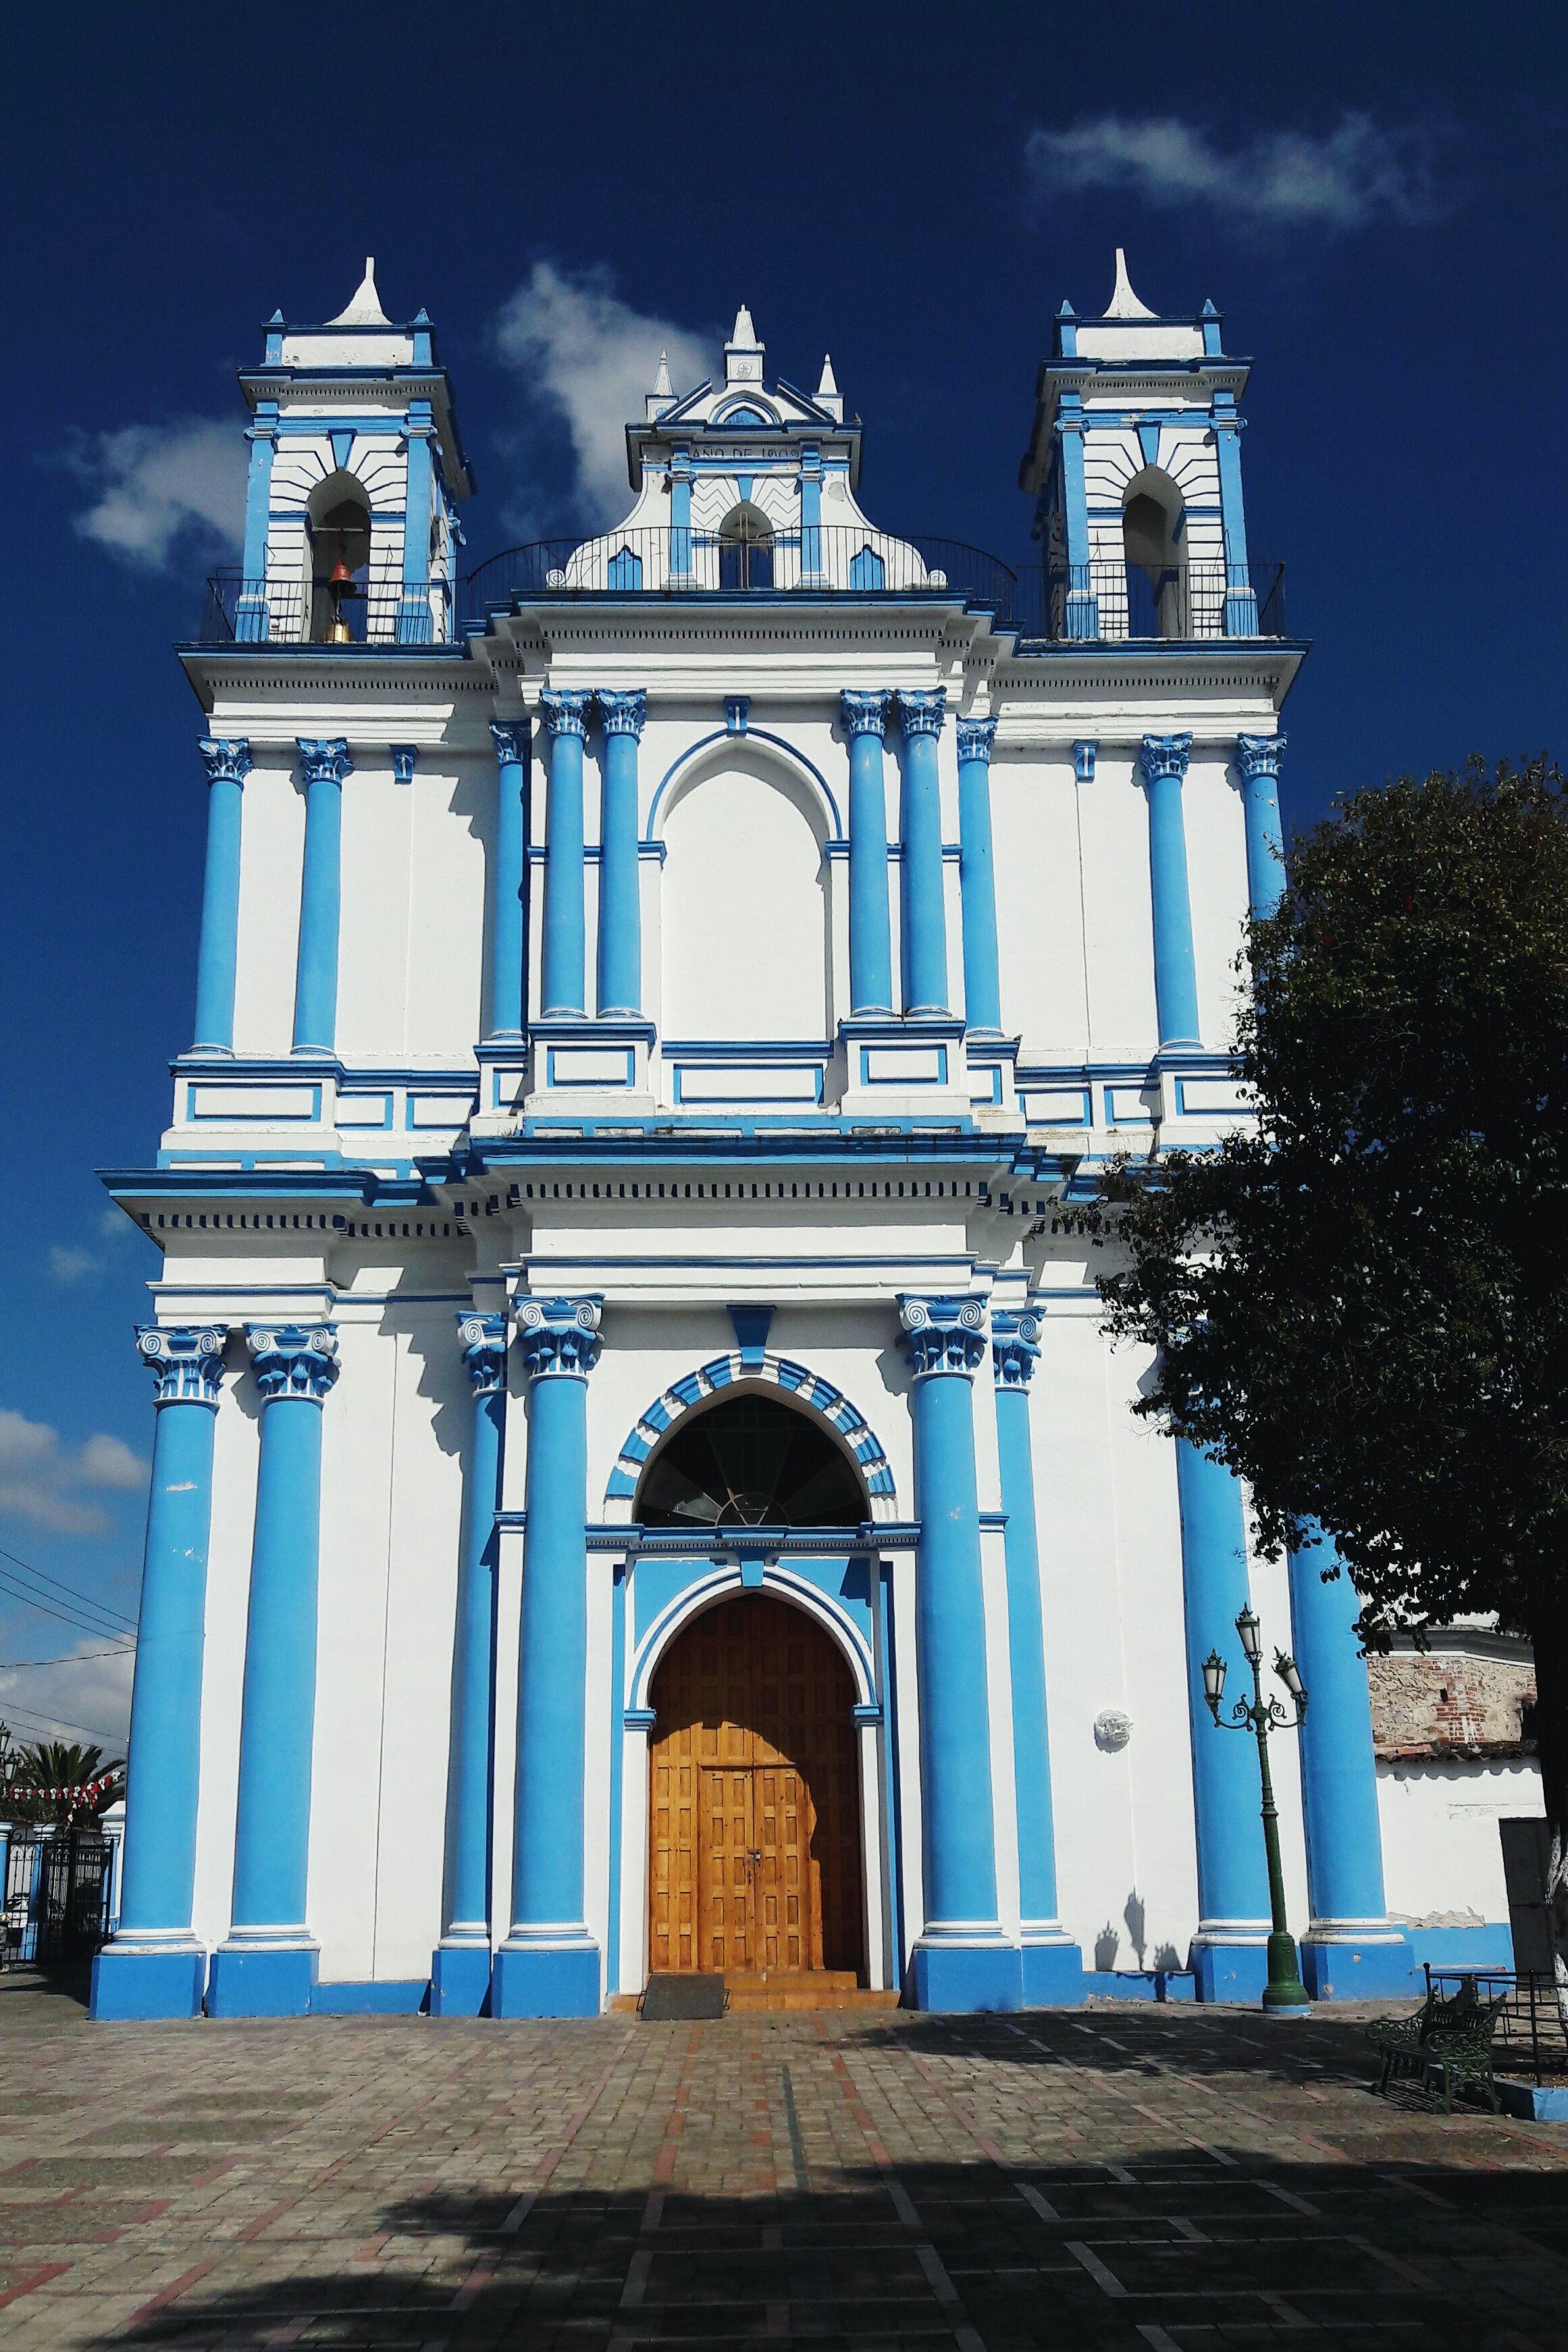 San Cristobal de las Casas. Podróże, Turystyka, Meksyk